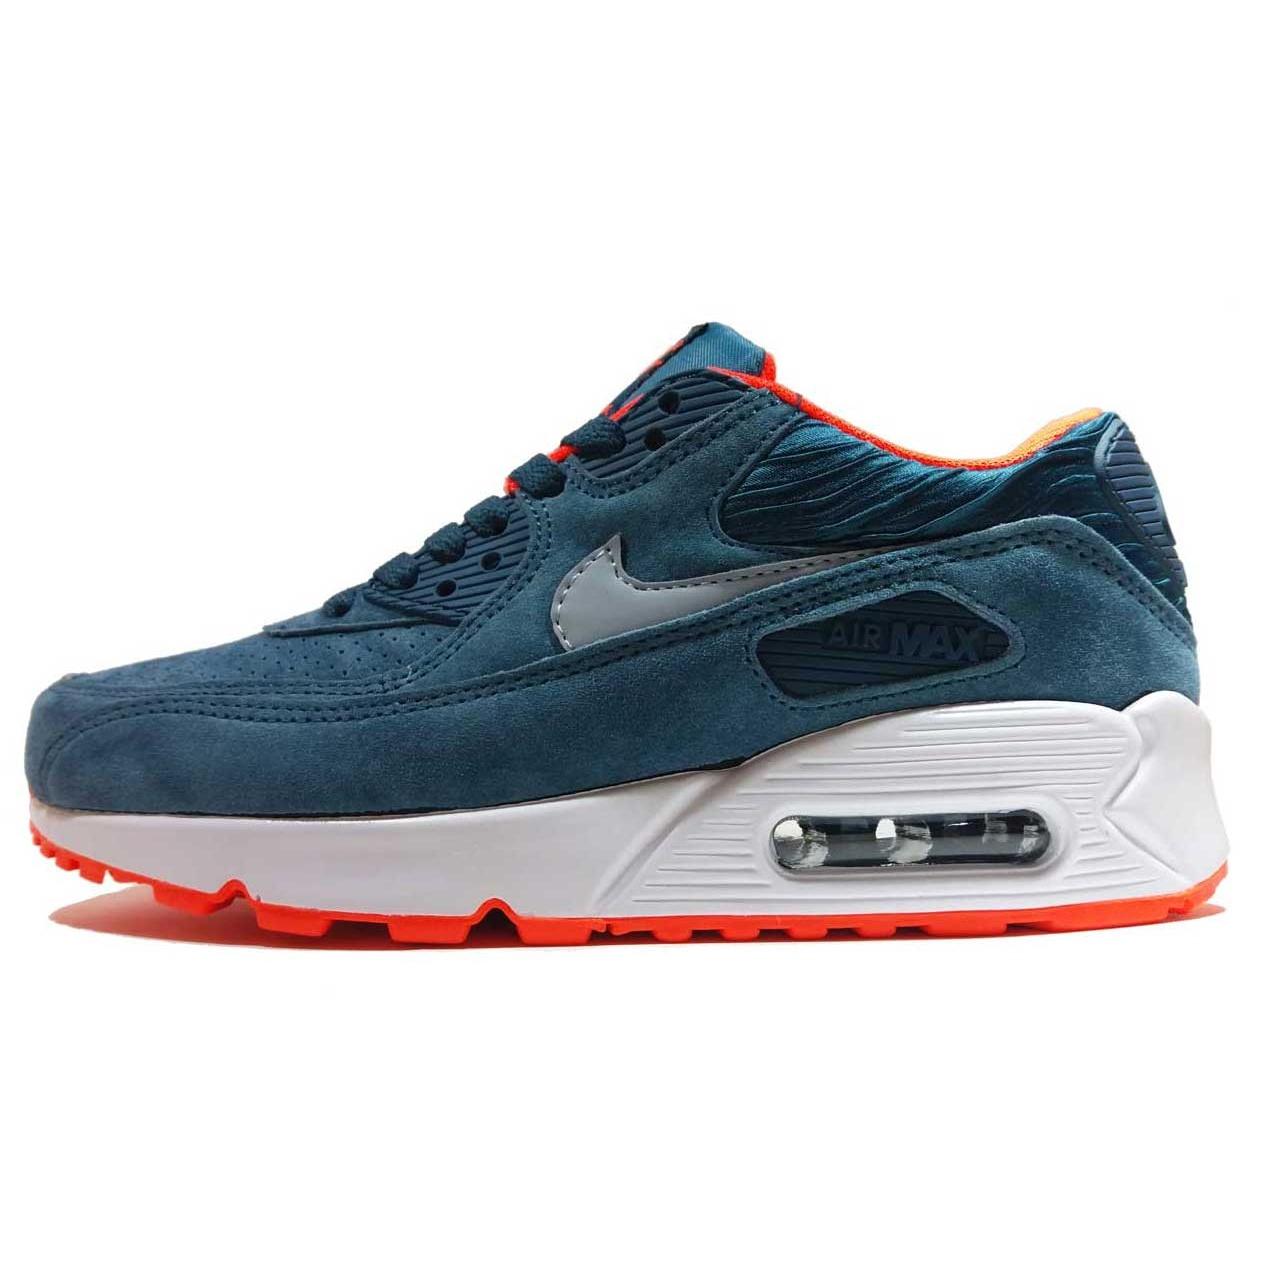 کفش مخصوص دویدن زنانه مدل Air max 90 LTHR_10045678A